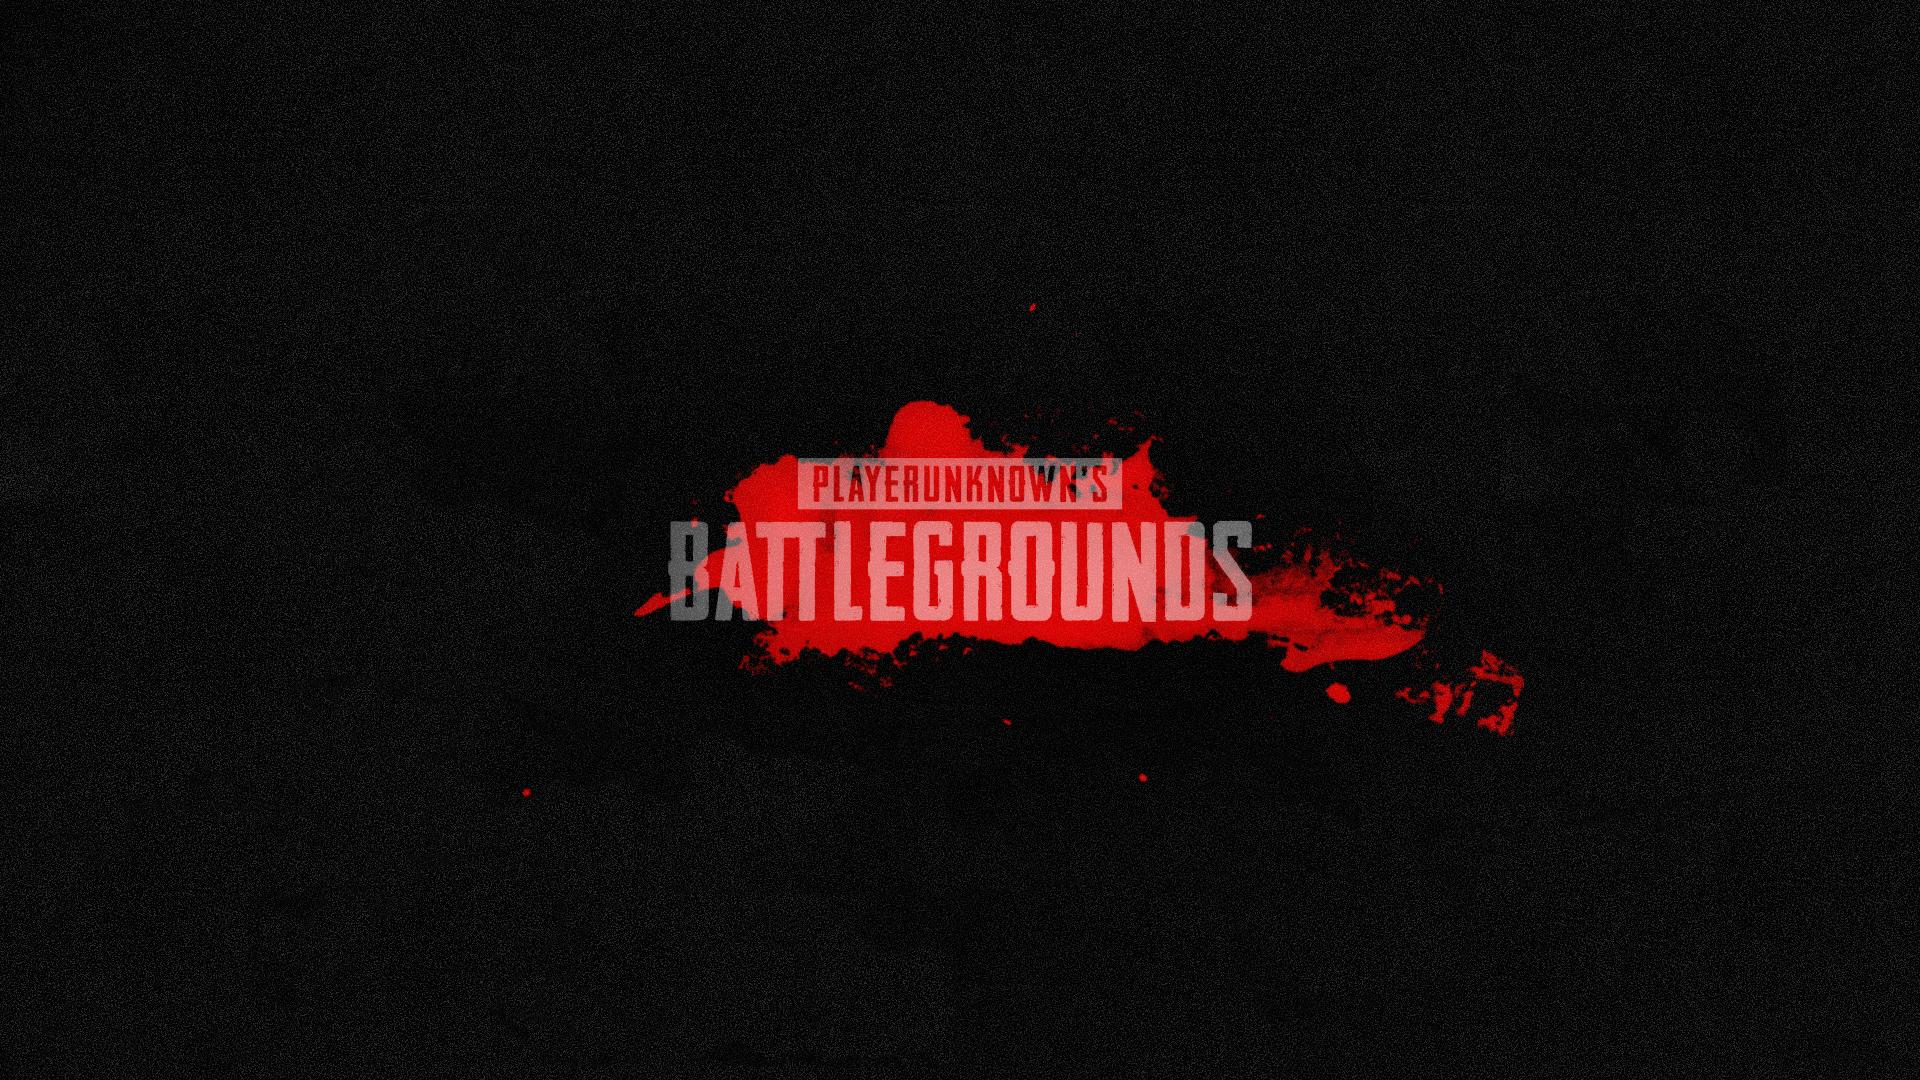 playerunknown battlegrounds wallpaper, wallpaper pubg